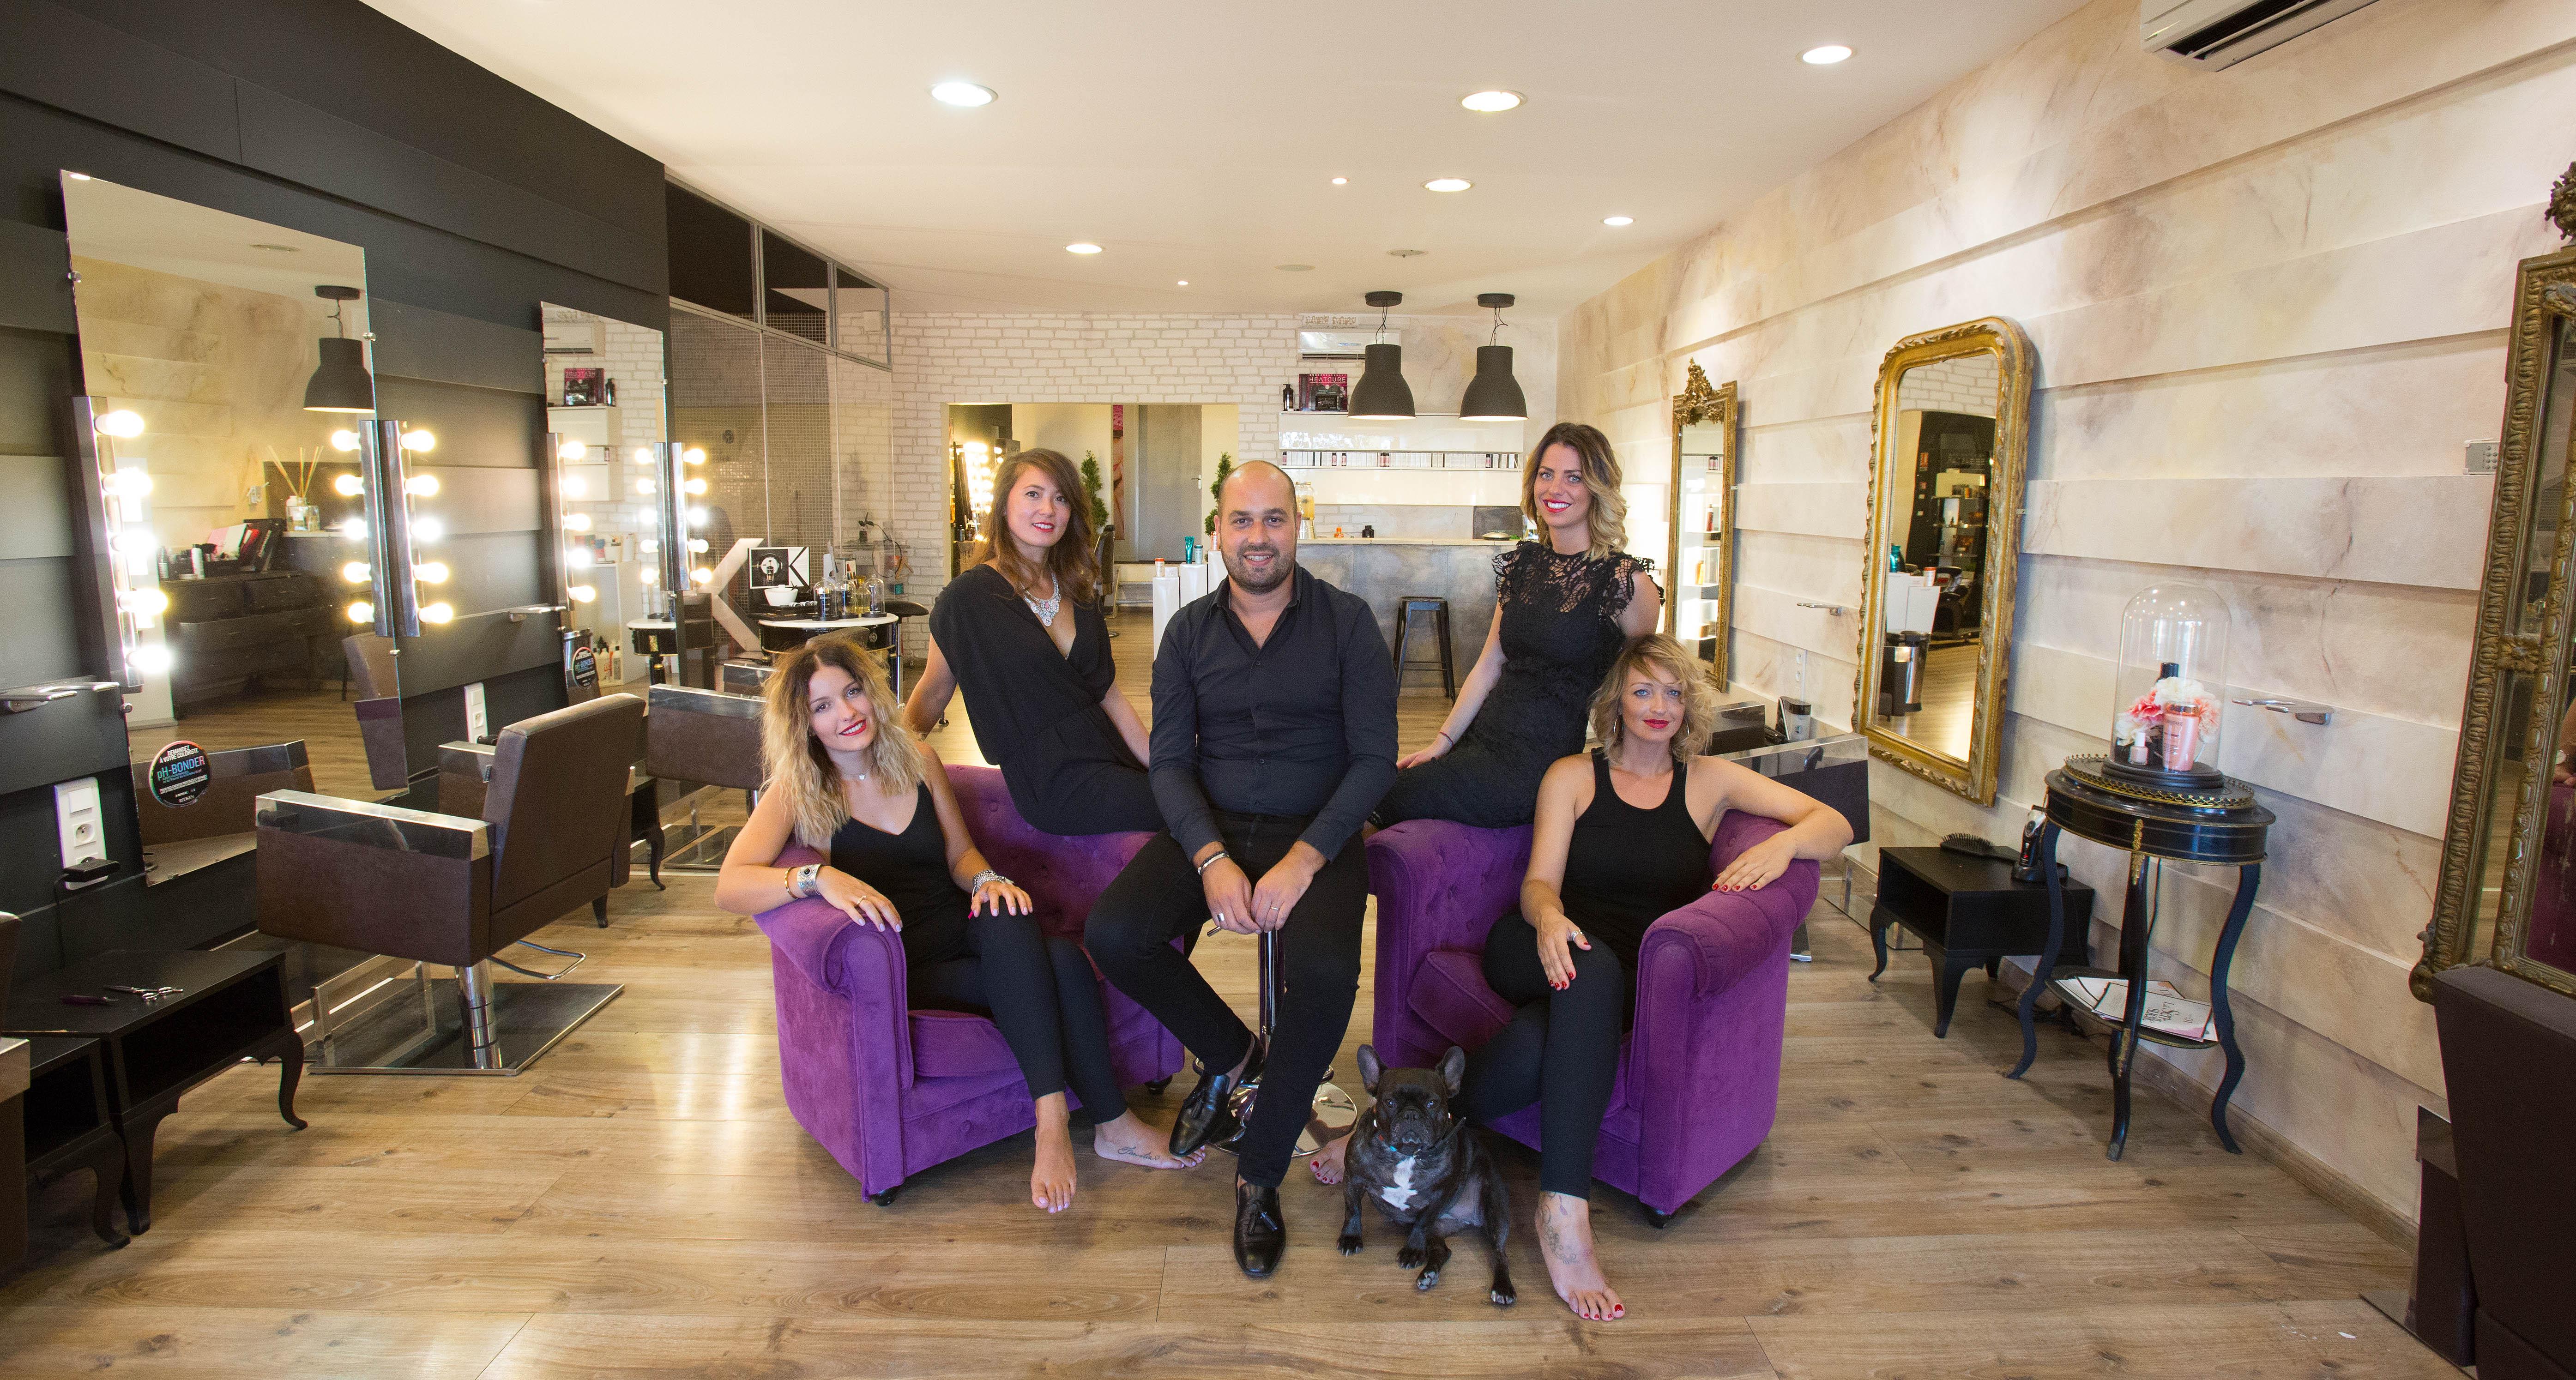 Laurent G. Maison de coiffure